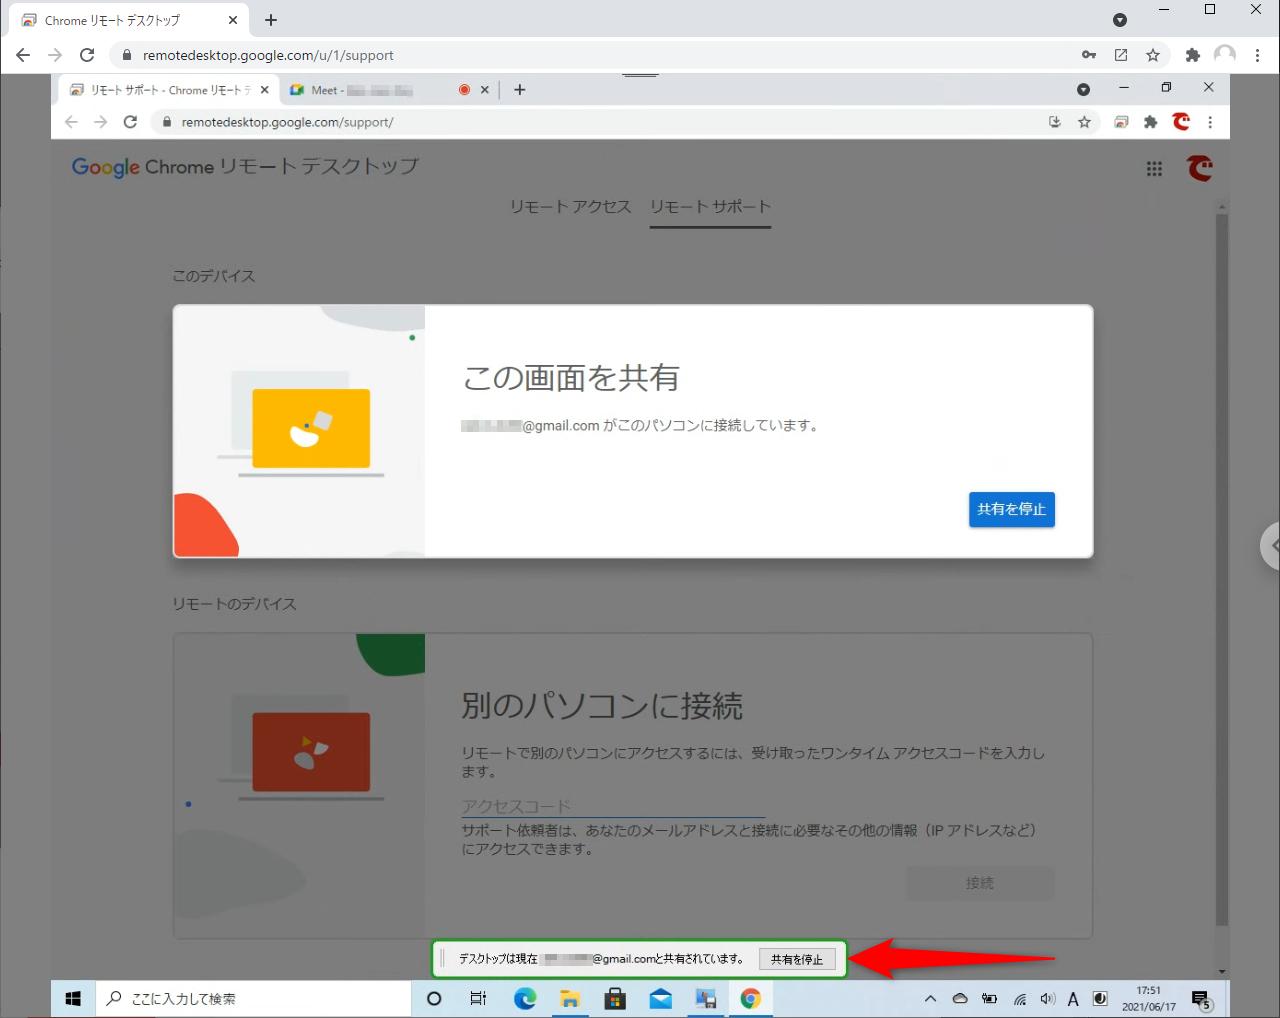 Chromeリモートデスクトップで他のユーザーのパソコンを操作する方法。テレワーク中の指示に便利!